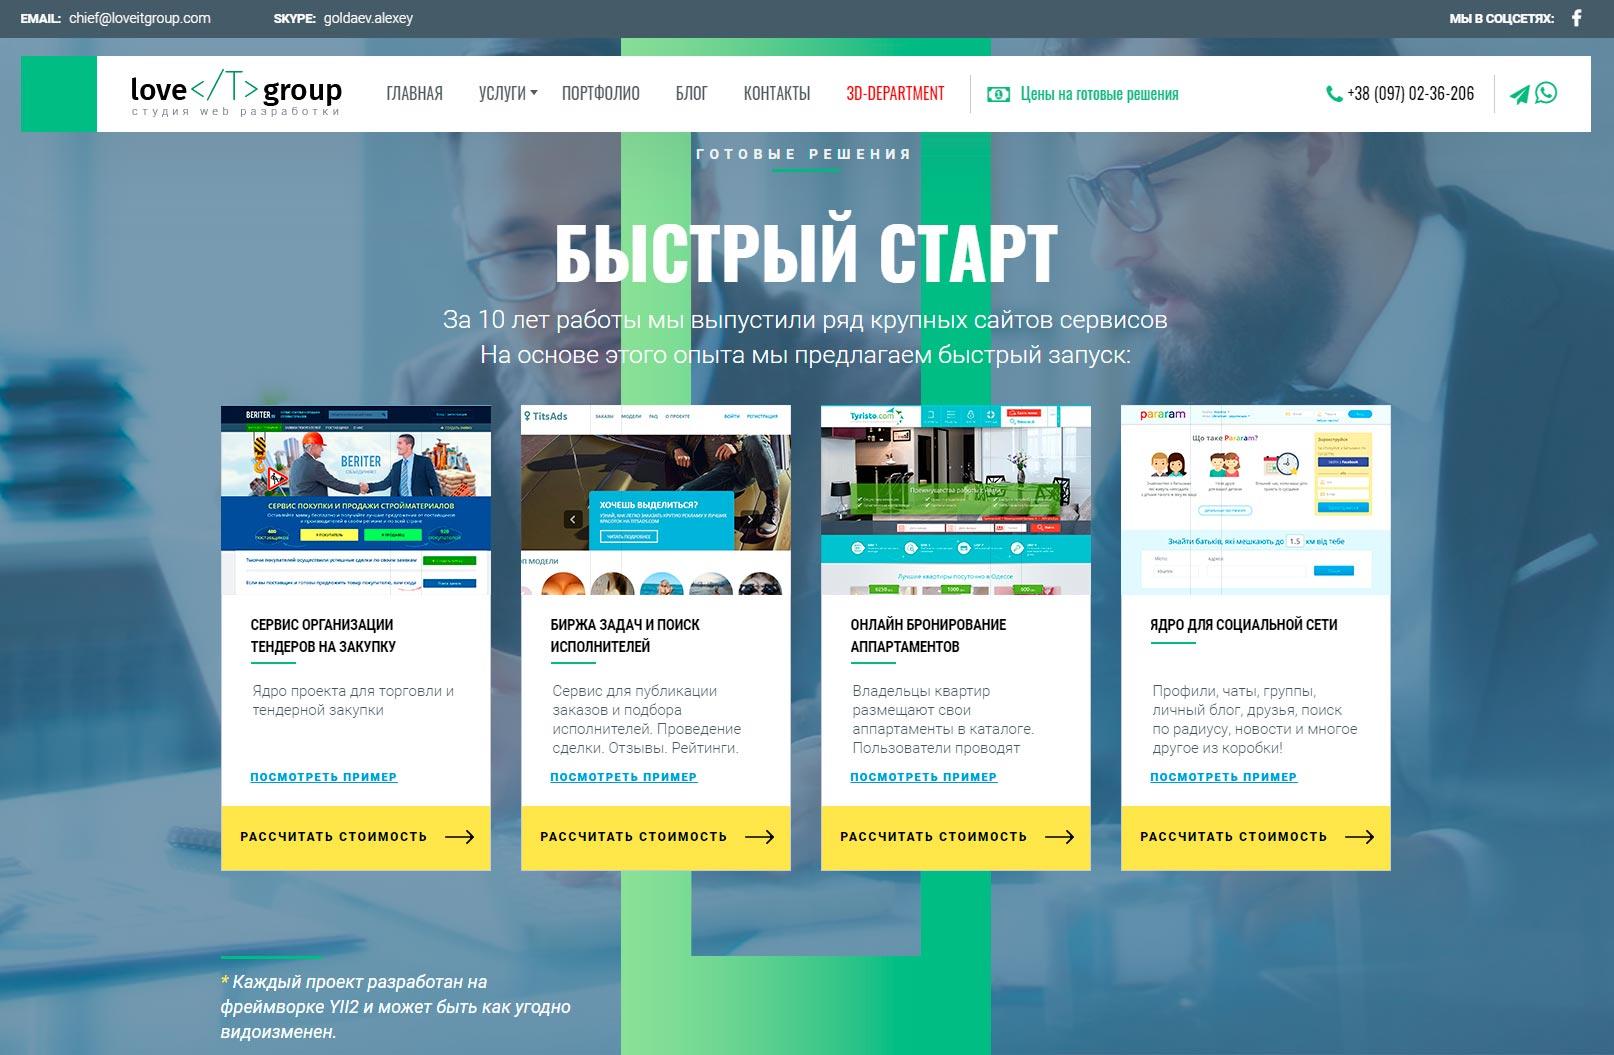 Loveitgroup - обзор компании, услуги, отзывы, клиенты, Фото № 2 - google-seo.pro